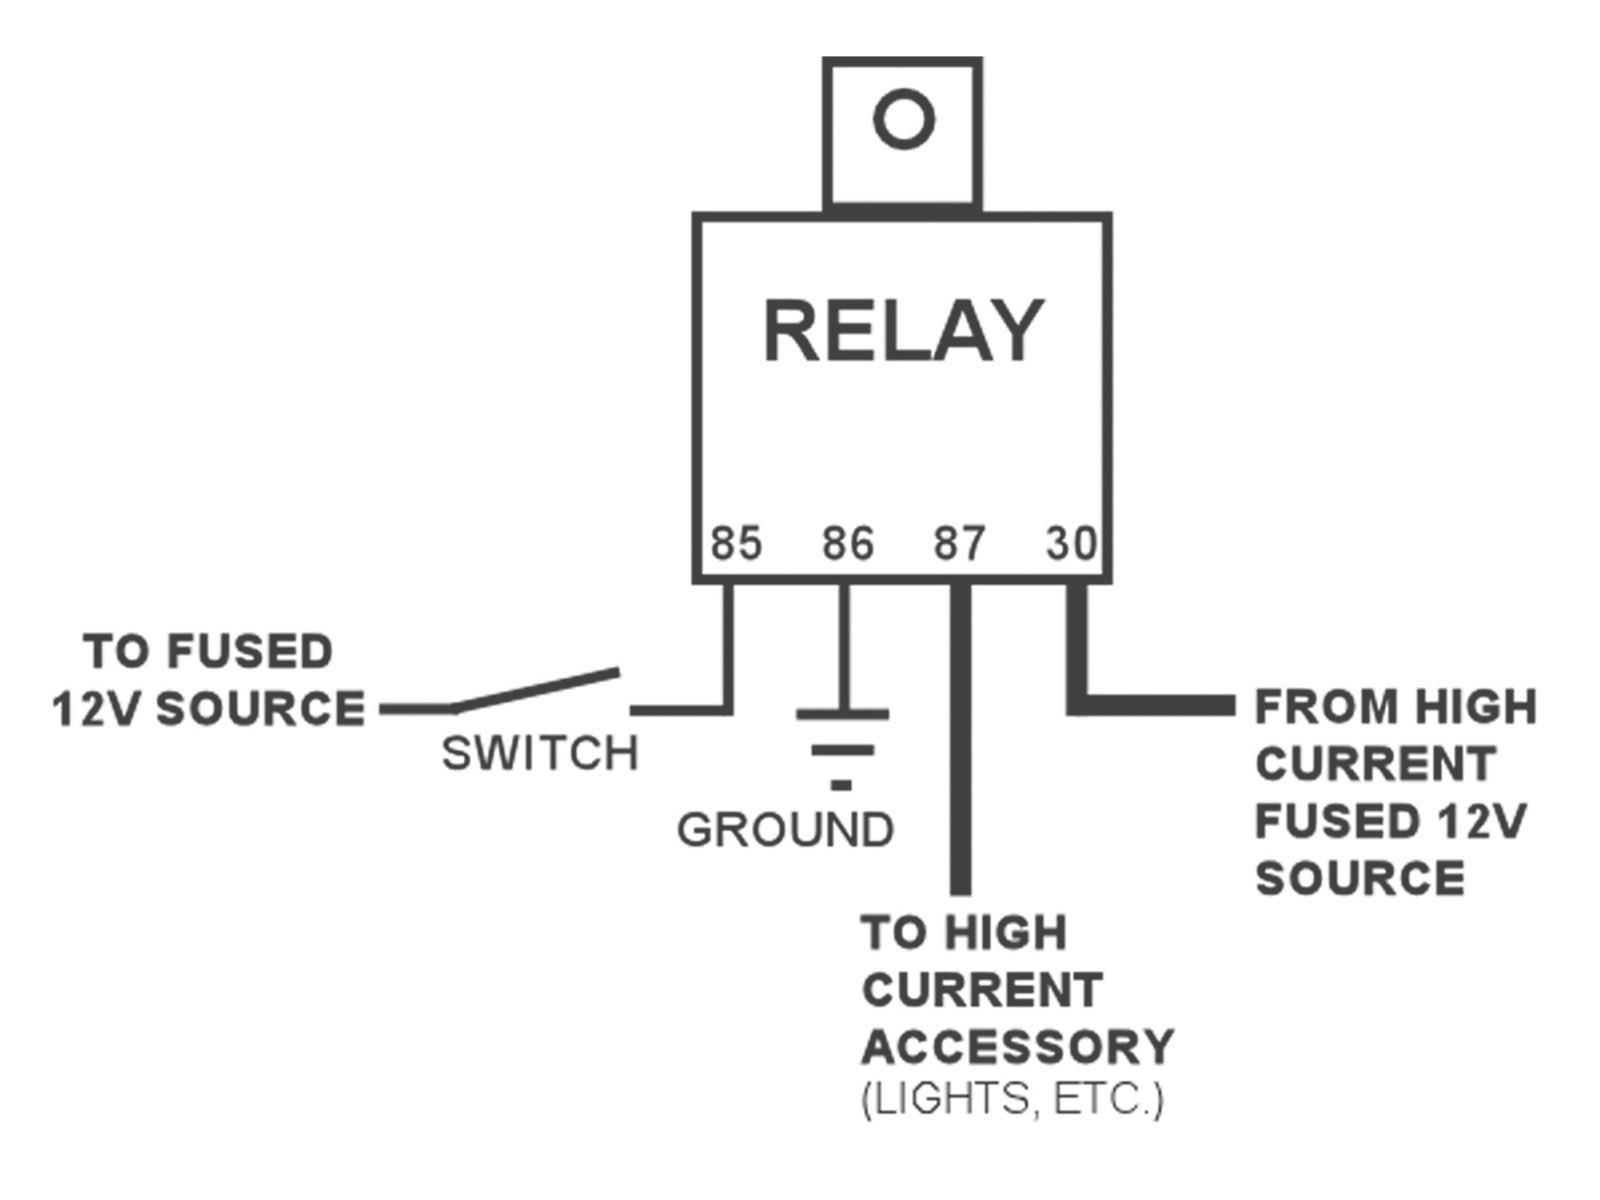 Rib Relay Wiring Diagram Rib Wire Diagram Another Blog About Wiring Diagram • Of Rib Relay Wiring Diagram